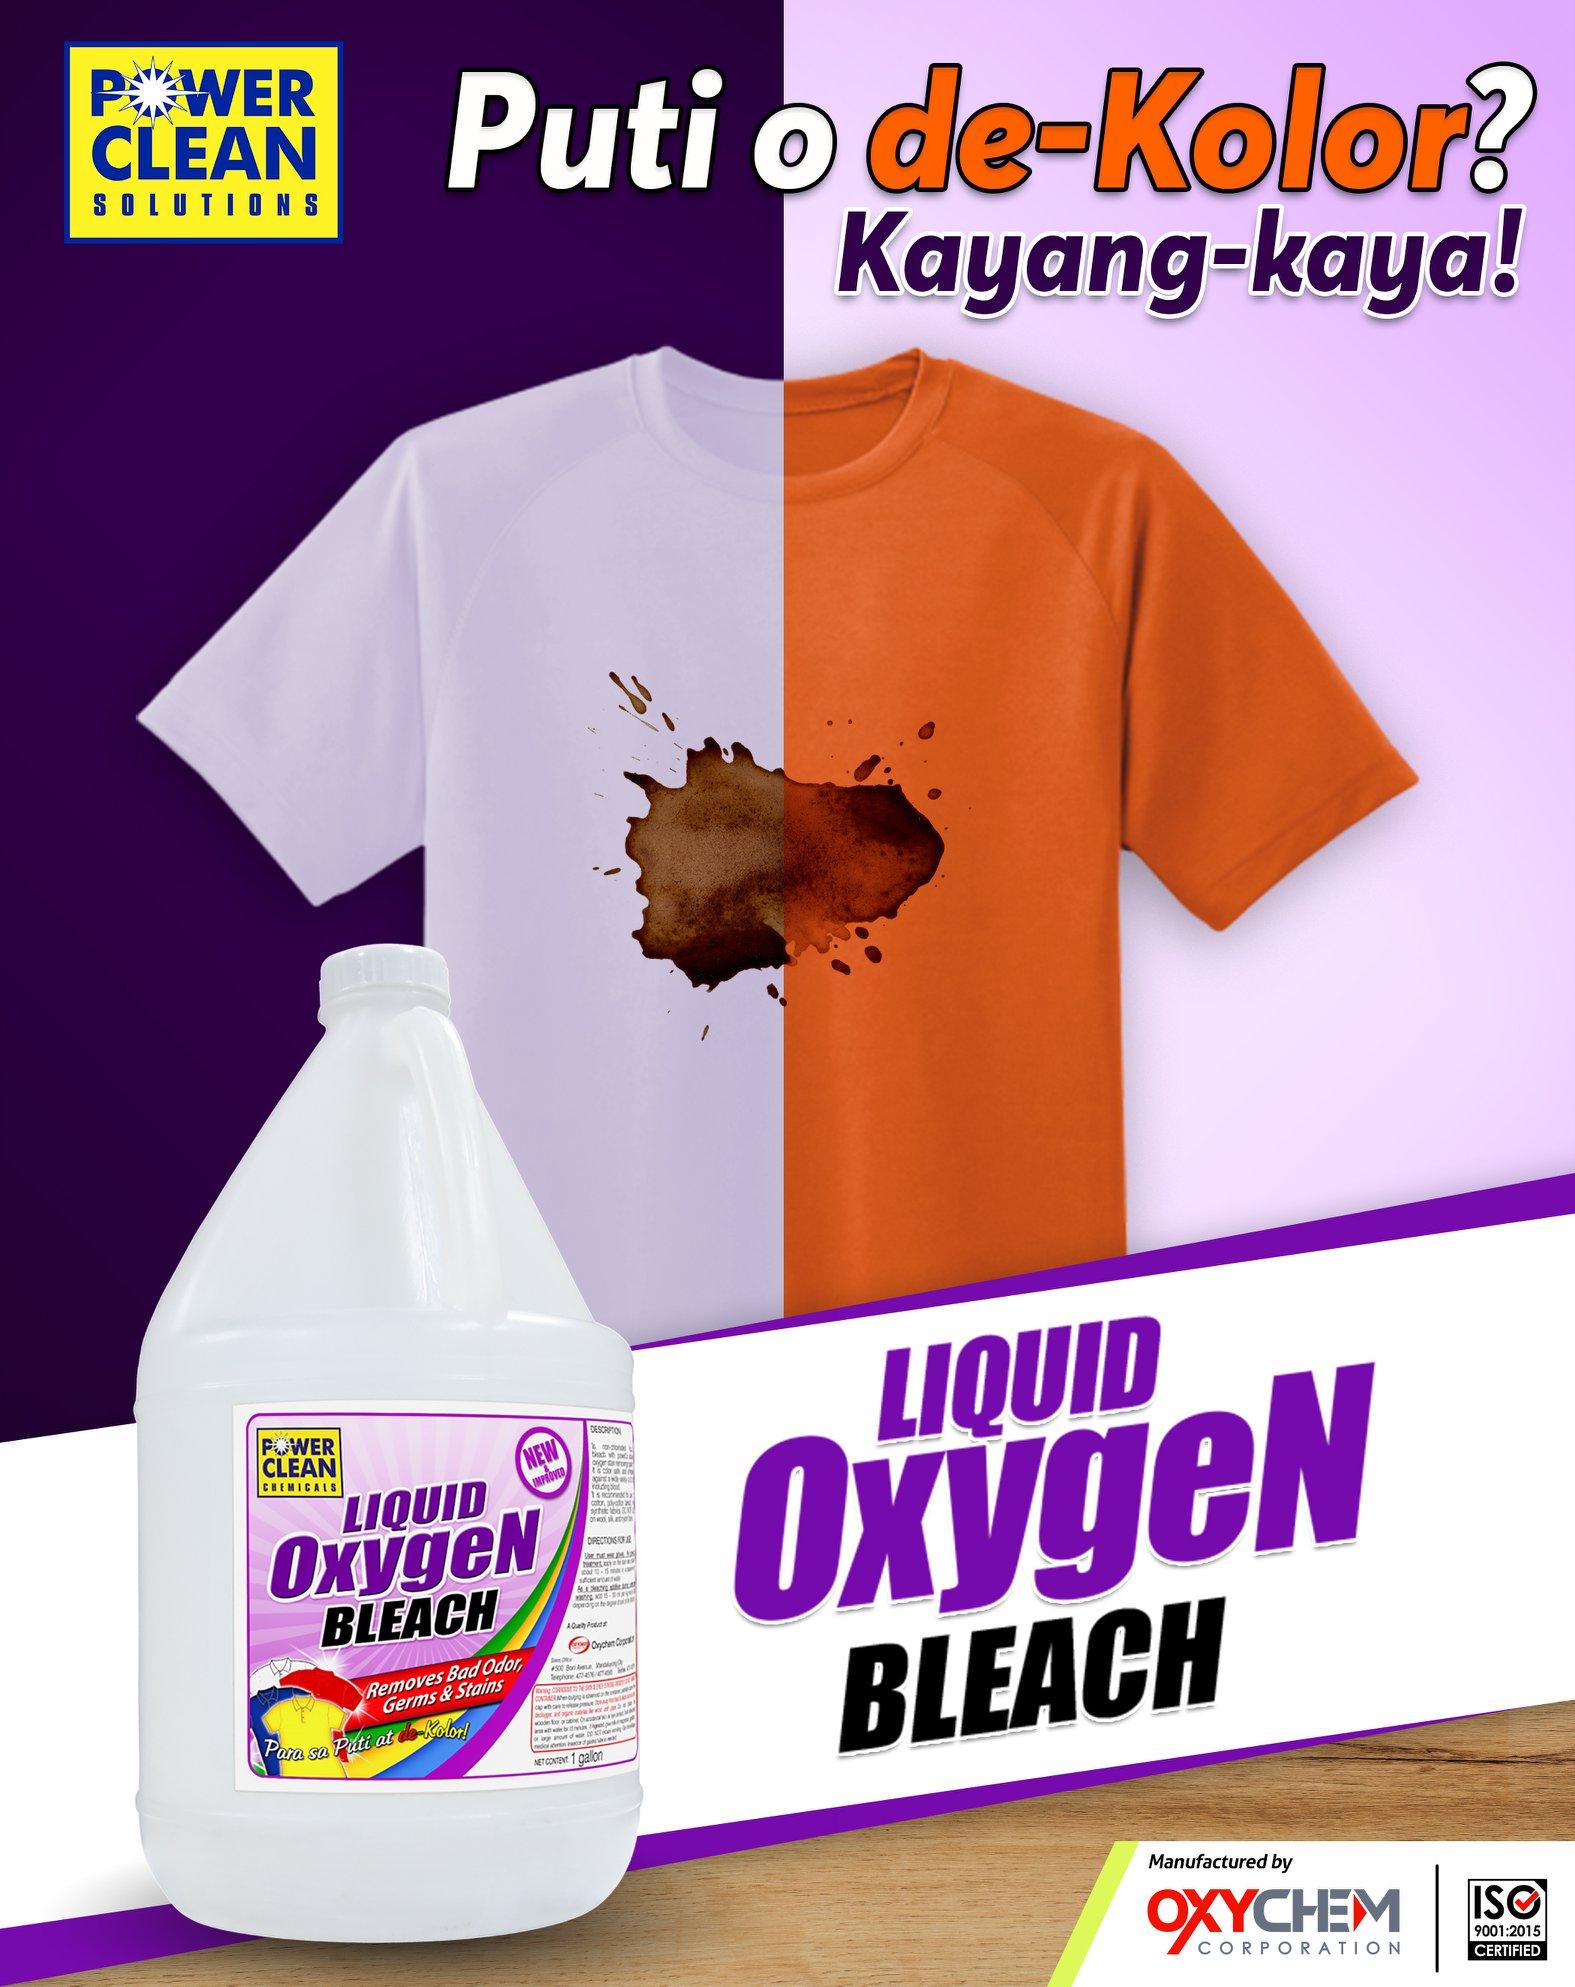 Oxychem